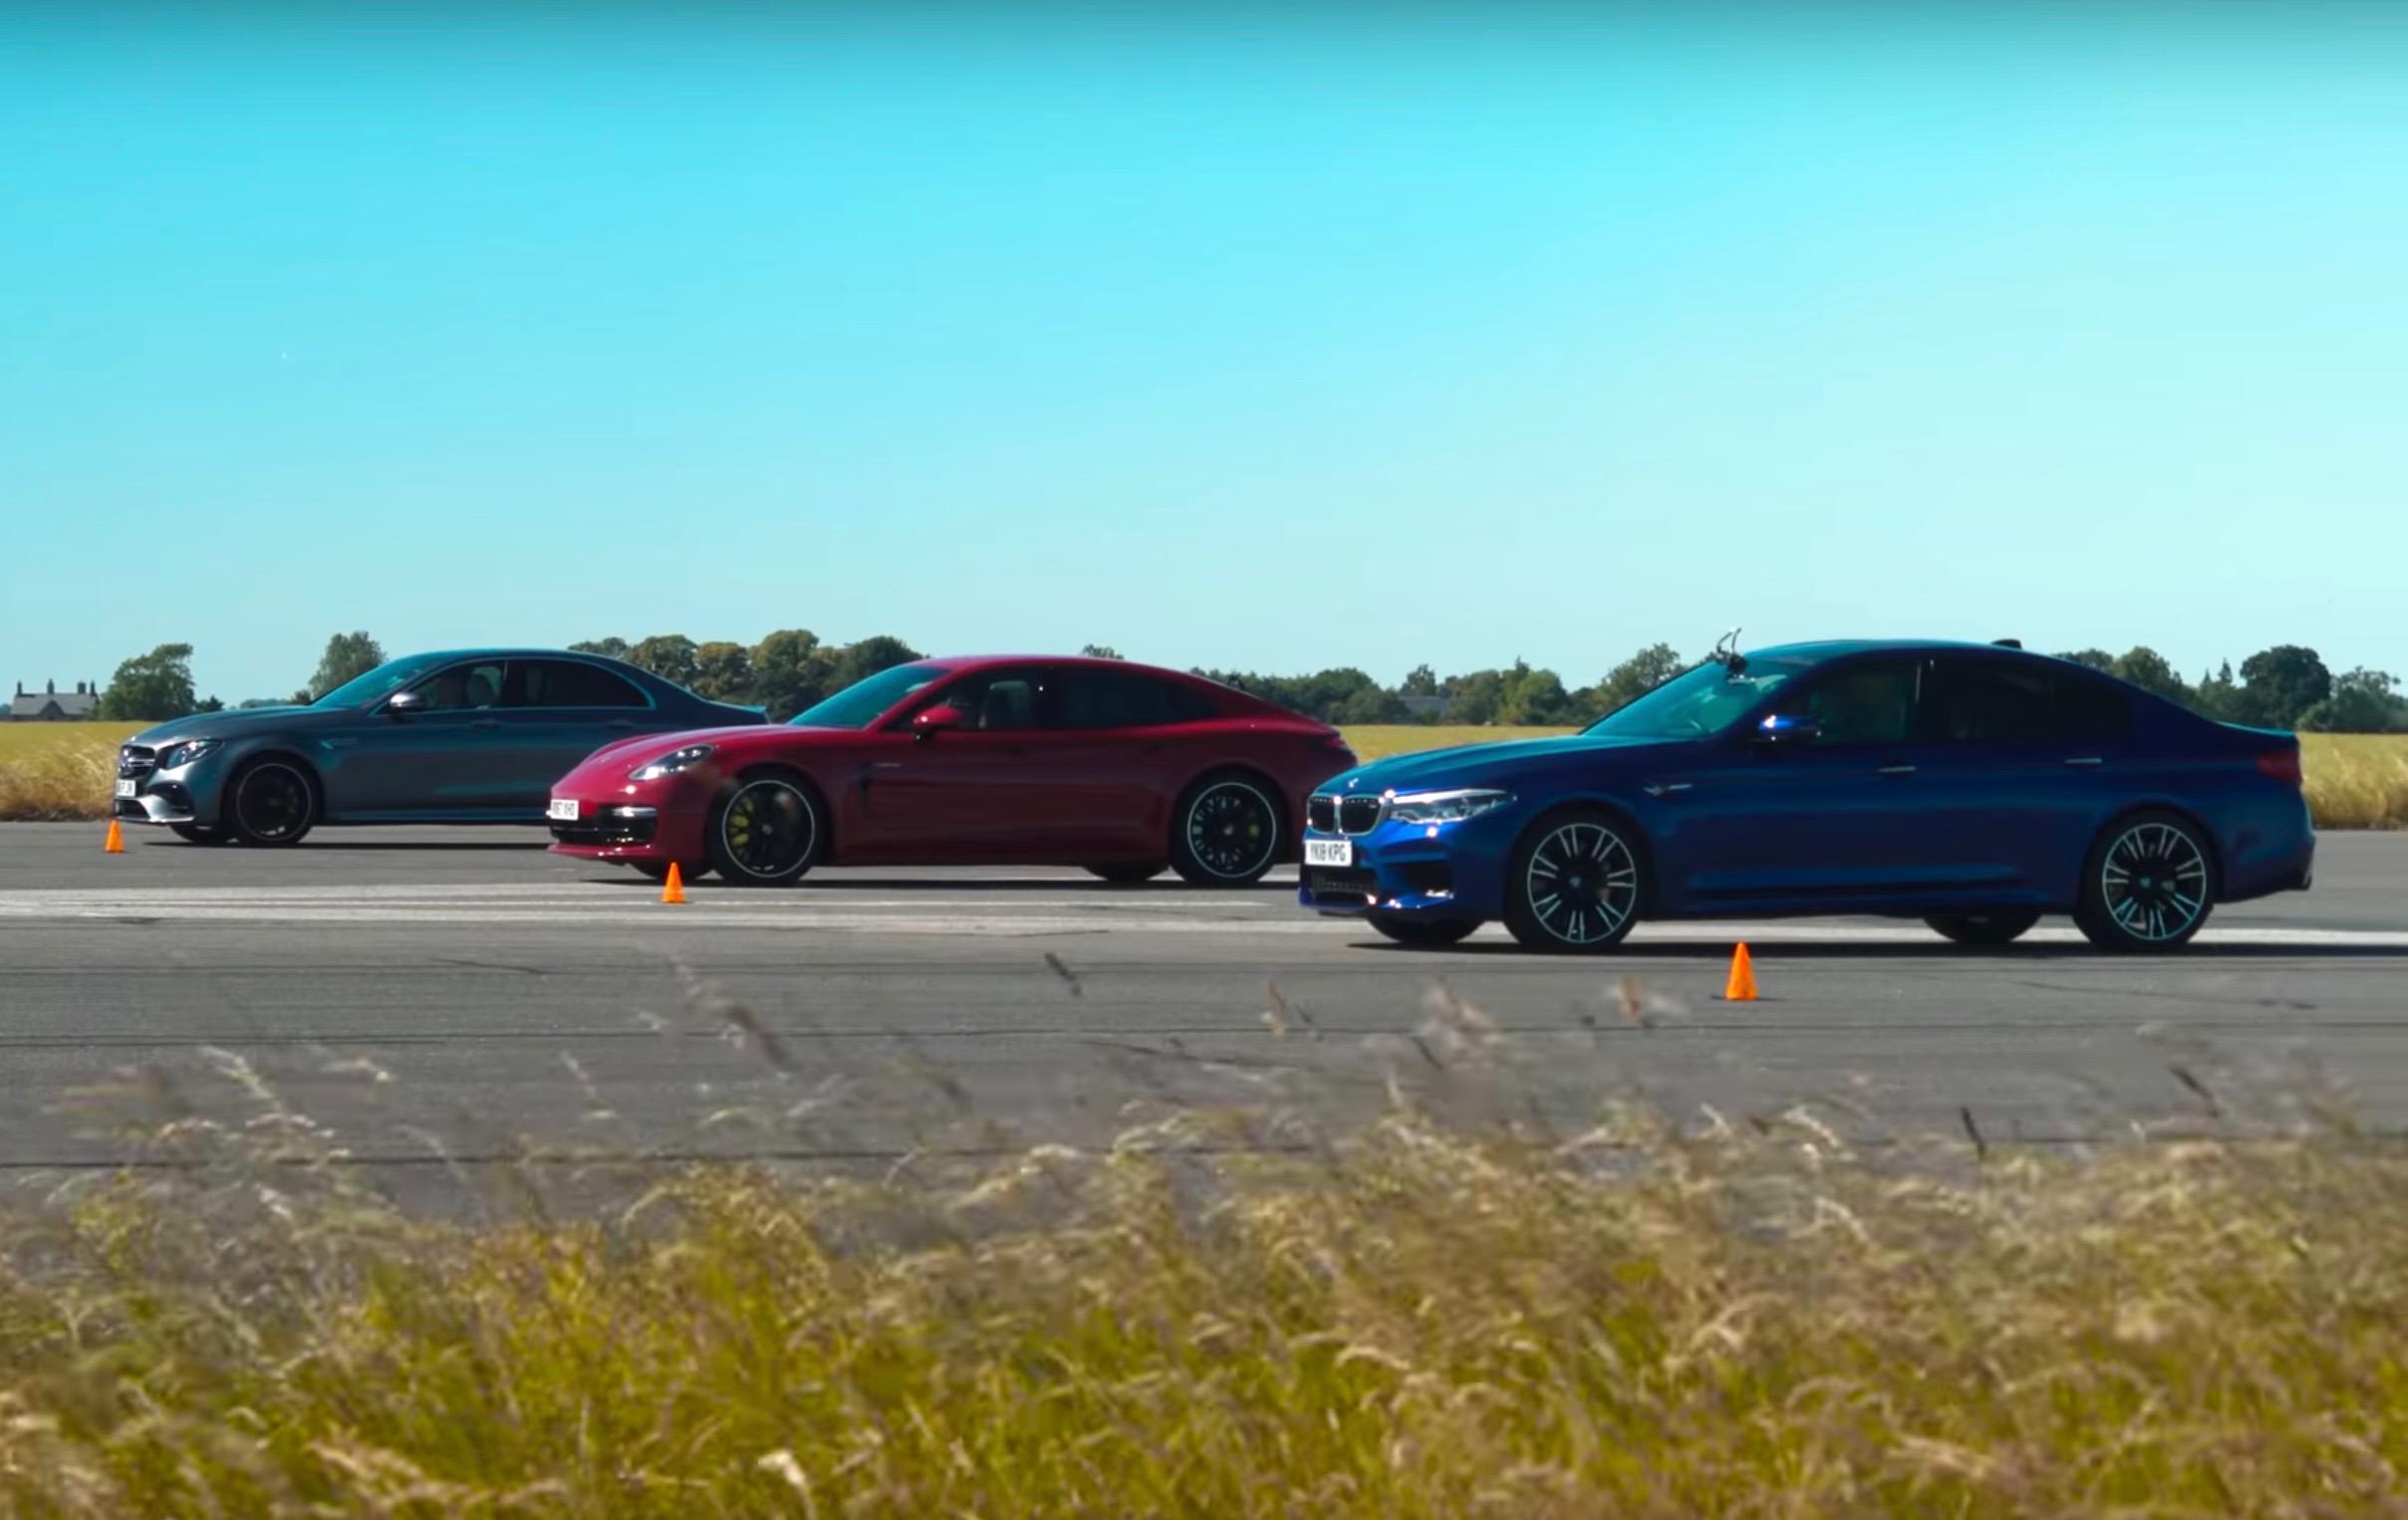 Video: BMW M5 vs Mercedes-AMG E63 vs Porsche Panamera Turbo S E-Hybrid